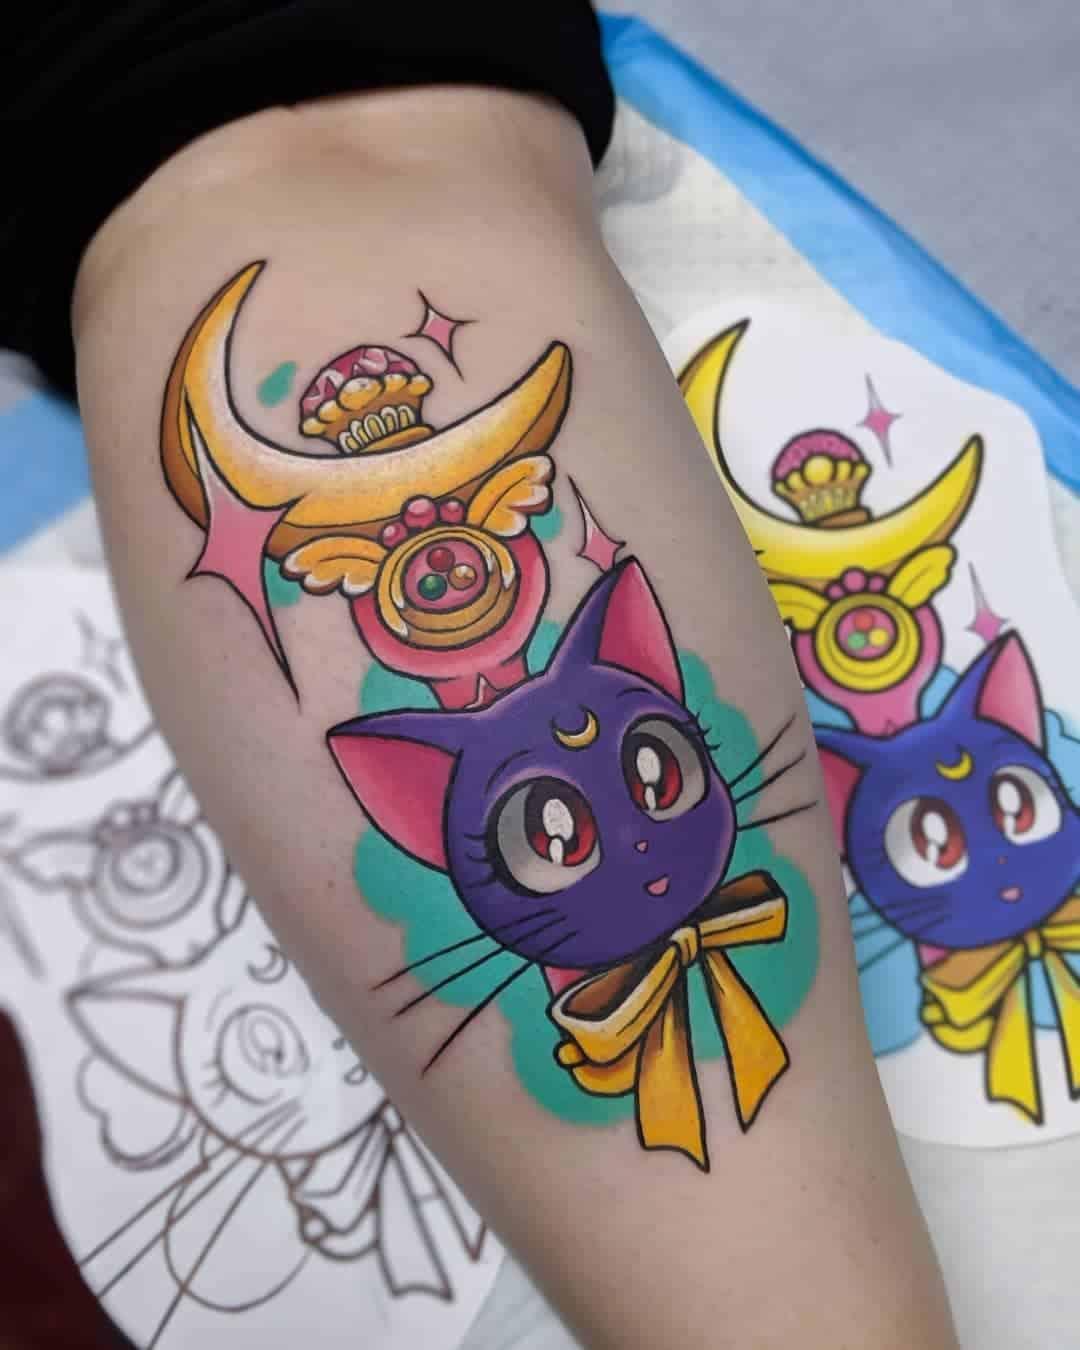 luna sailor moon tattoo on arm